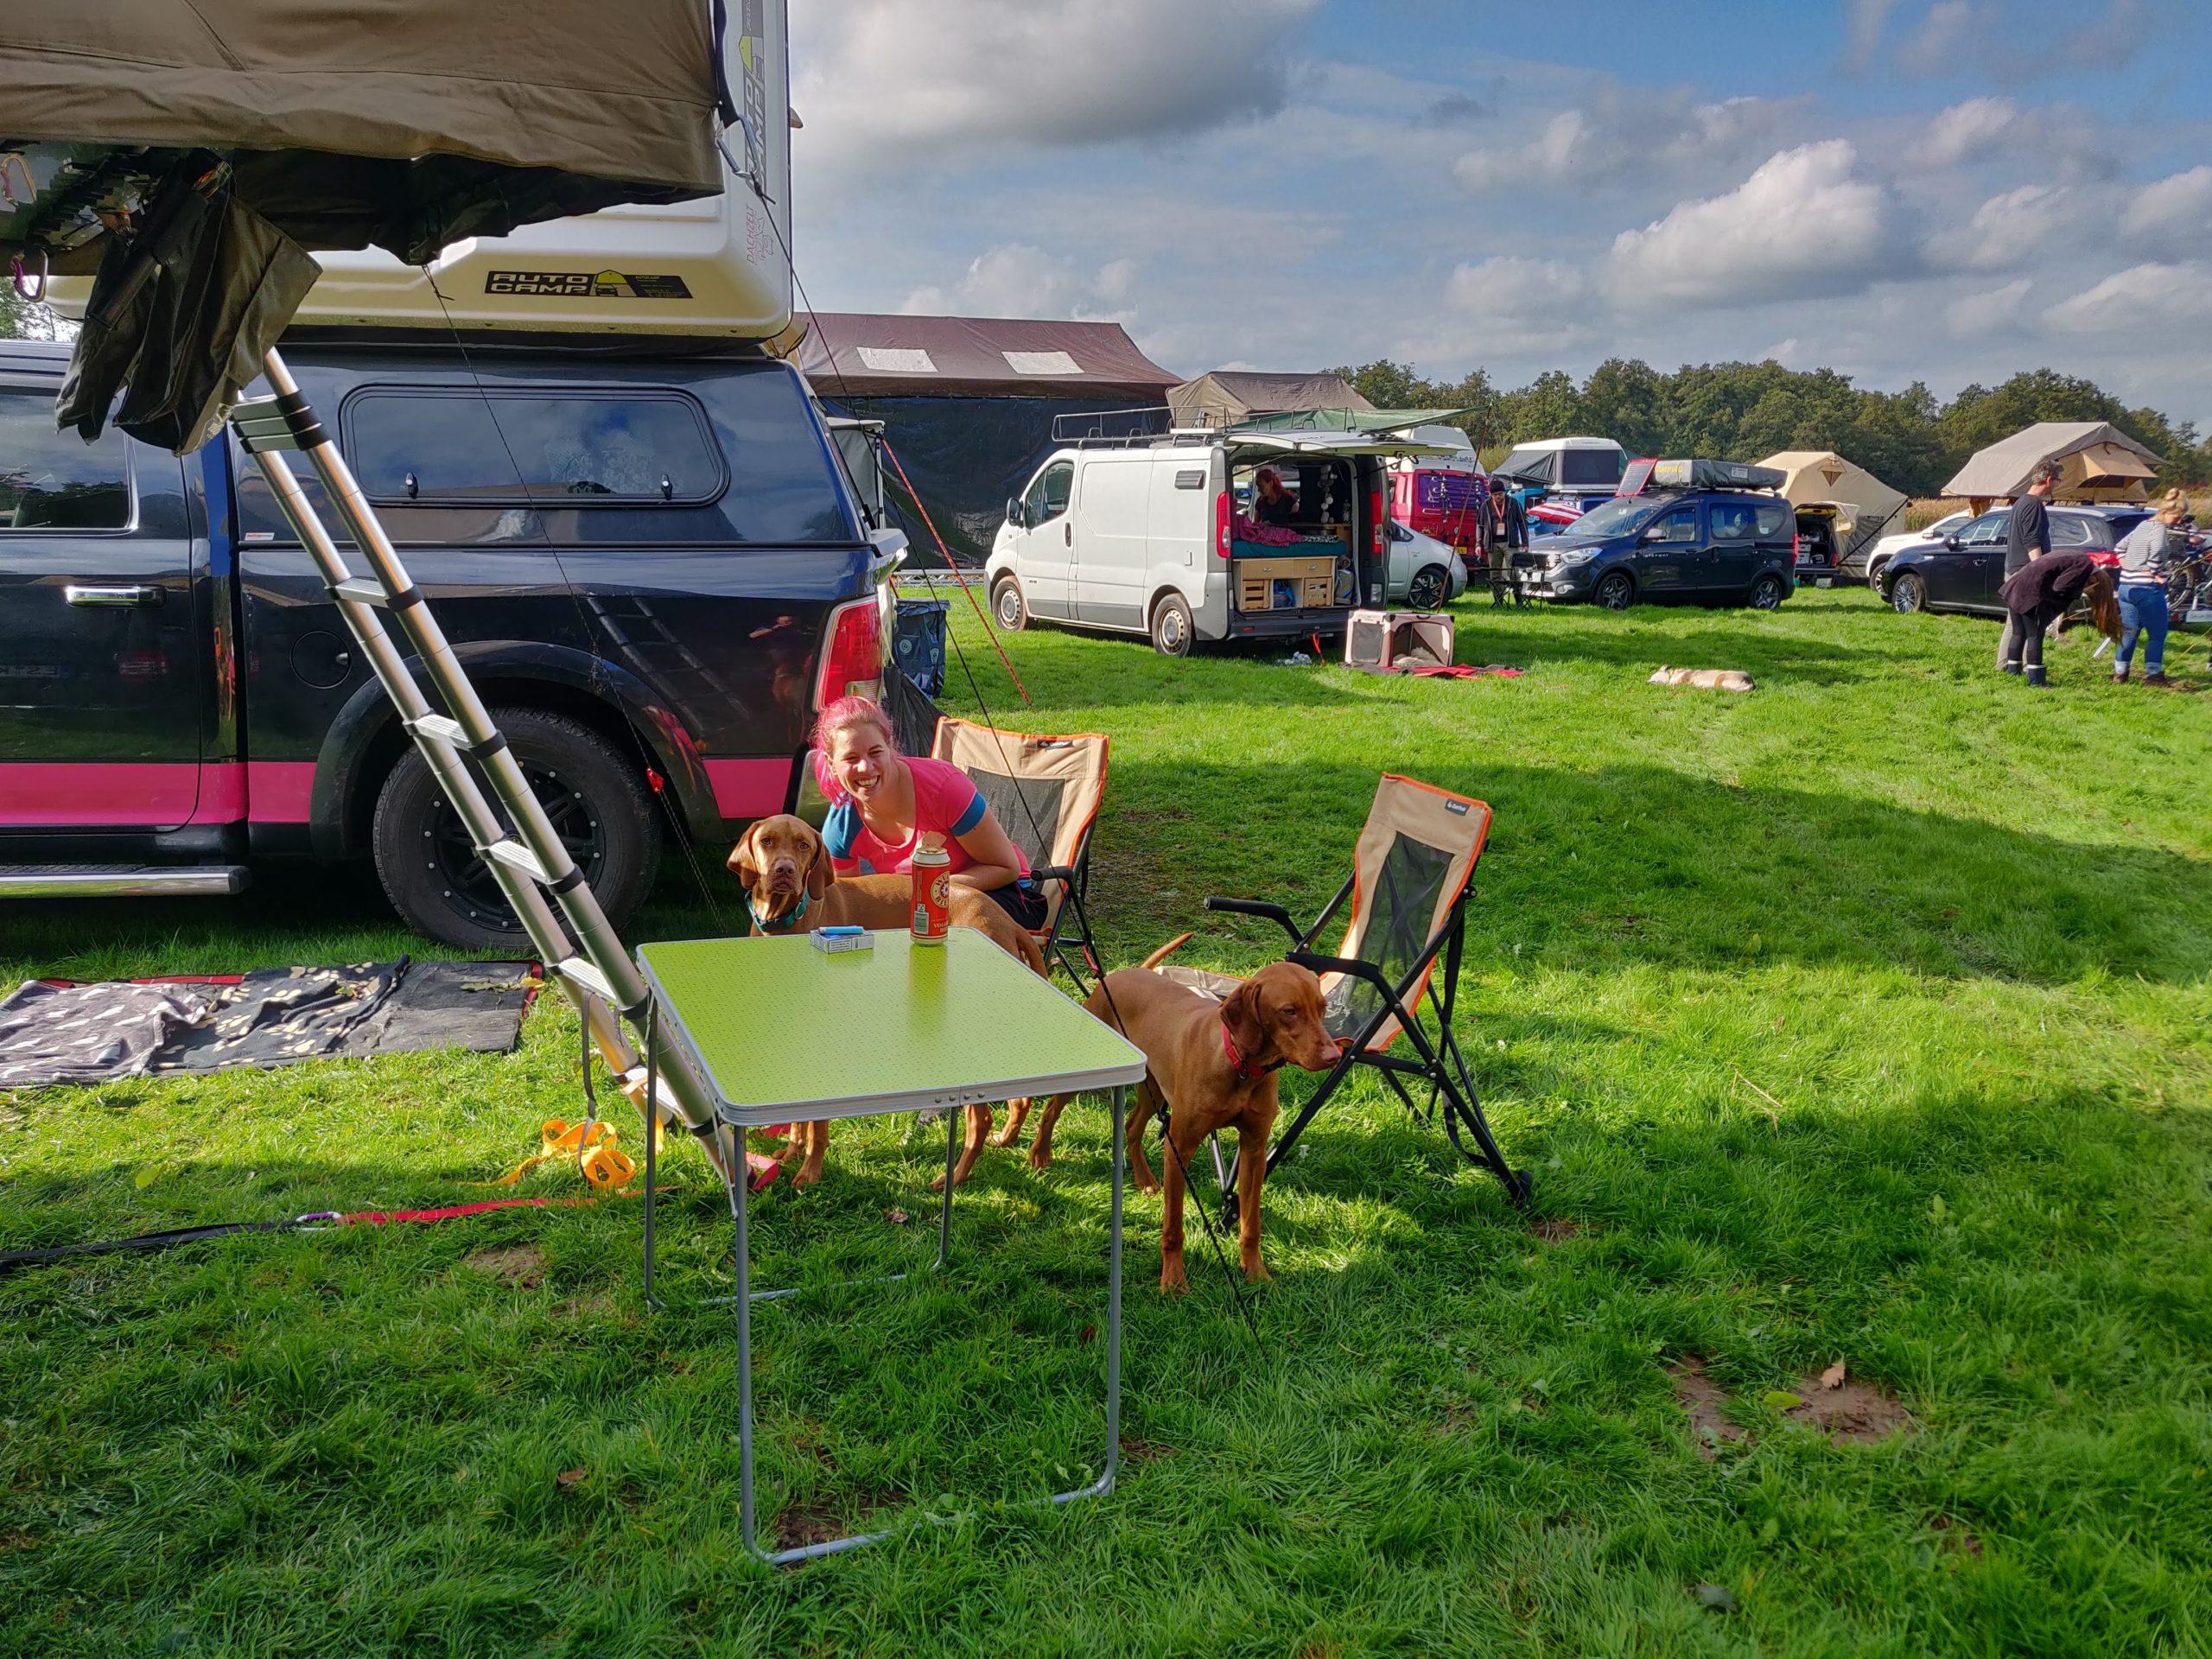 Dachzelte im Hintergrund und eine Frau mit zwei Hunden sitzt an einem Tisch und beobachtet etwas